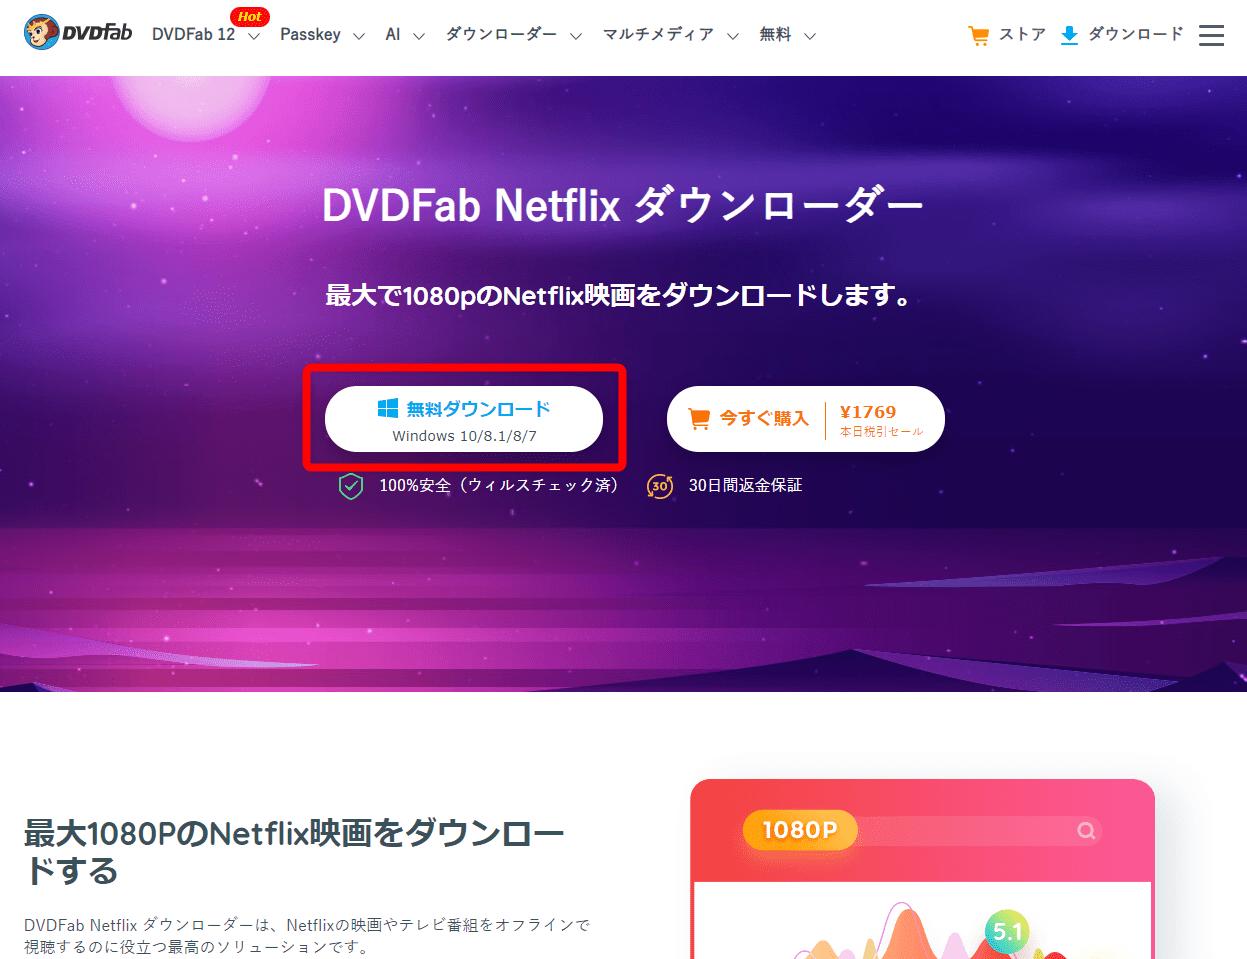 【決定版・NETFLIX録画方法】NETFLIXの動画を一括ダウンロード!ネットフリックスを画面録画してダウンロード保存する方法|ダウンロード不可な動画もOK!|録画方法:DVDFabダウンローダーをインストールする:「無料ダウンロード」と書かれたボタンをクリックして、インストーラーをダウンロードします。